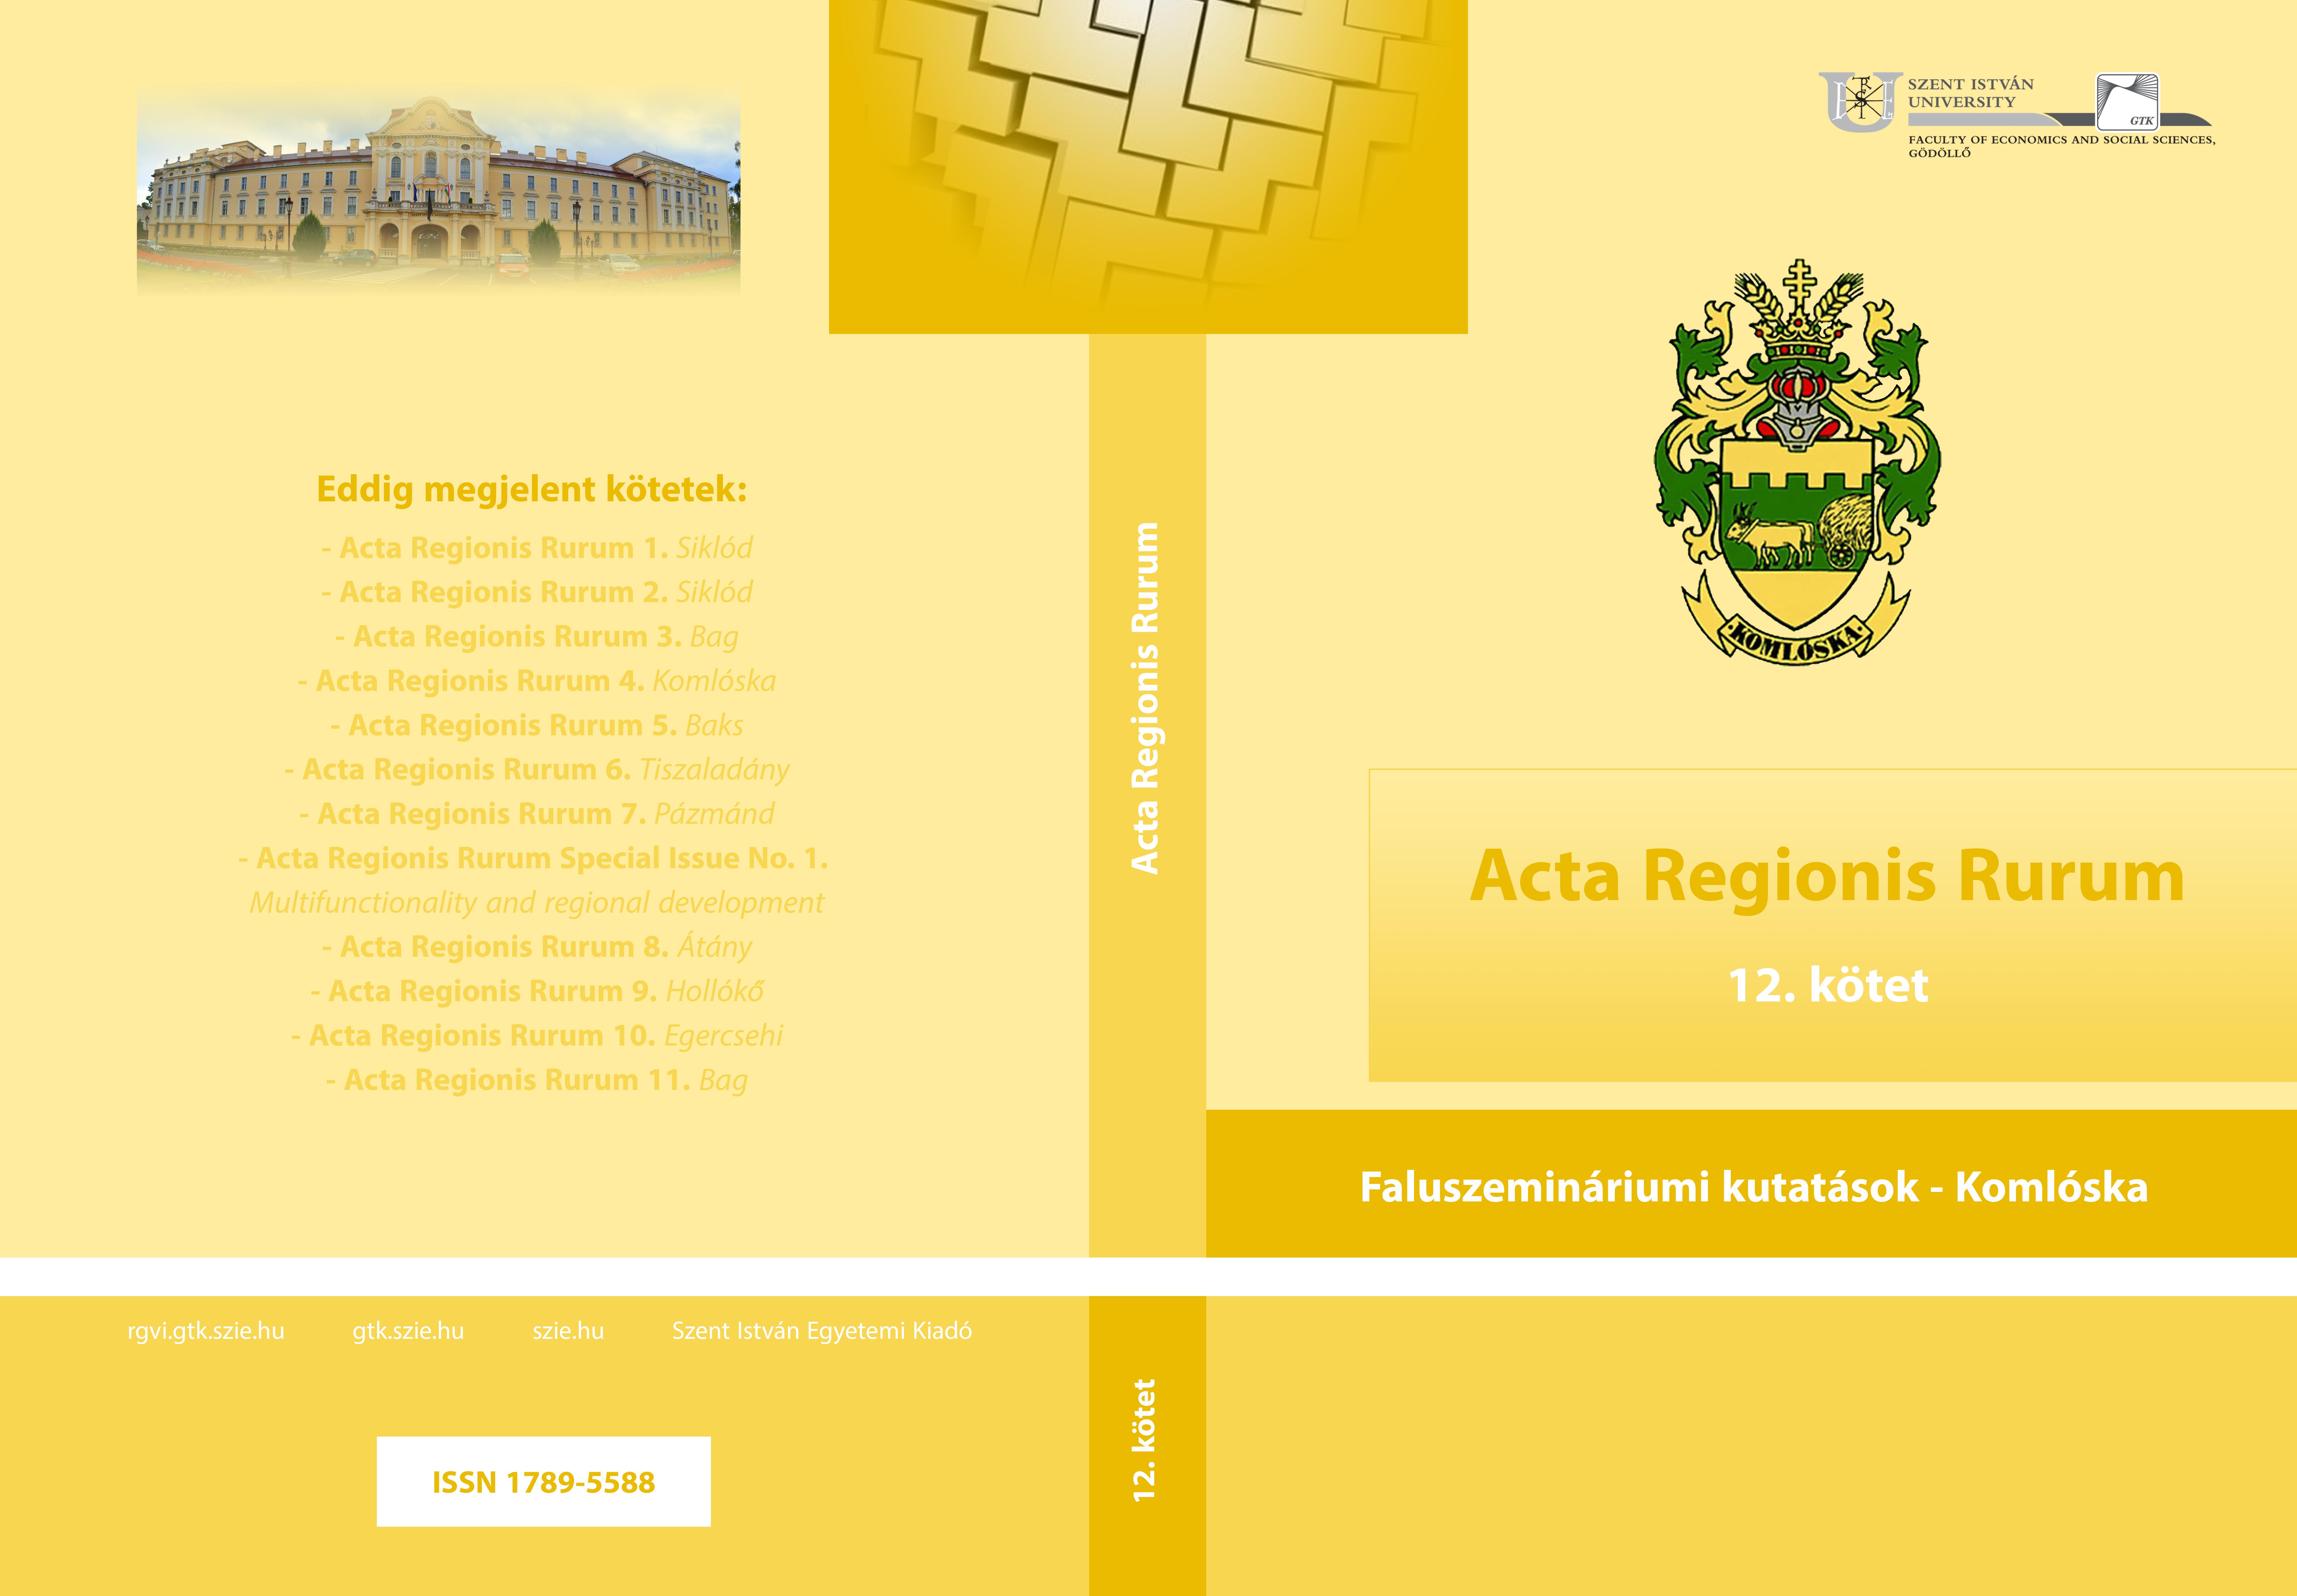 acta regionis rurum 12